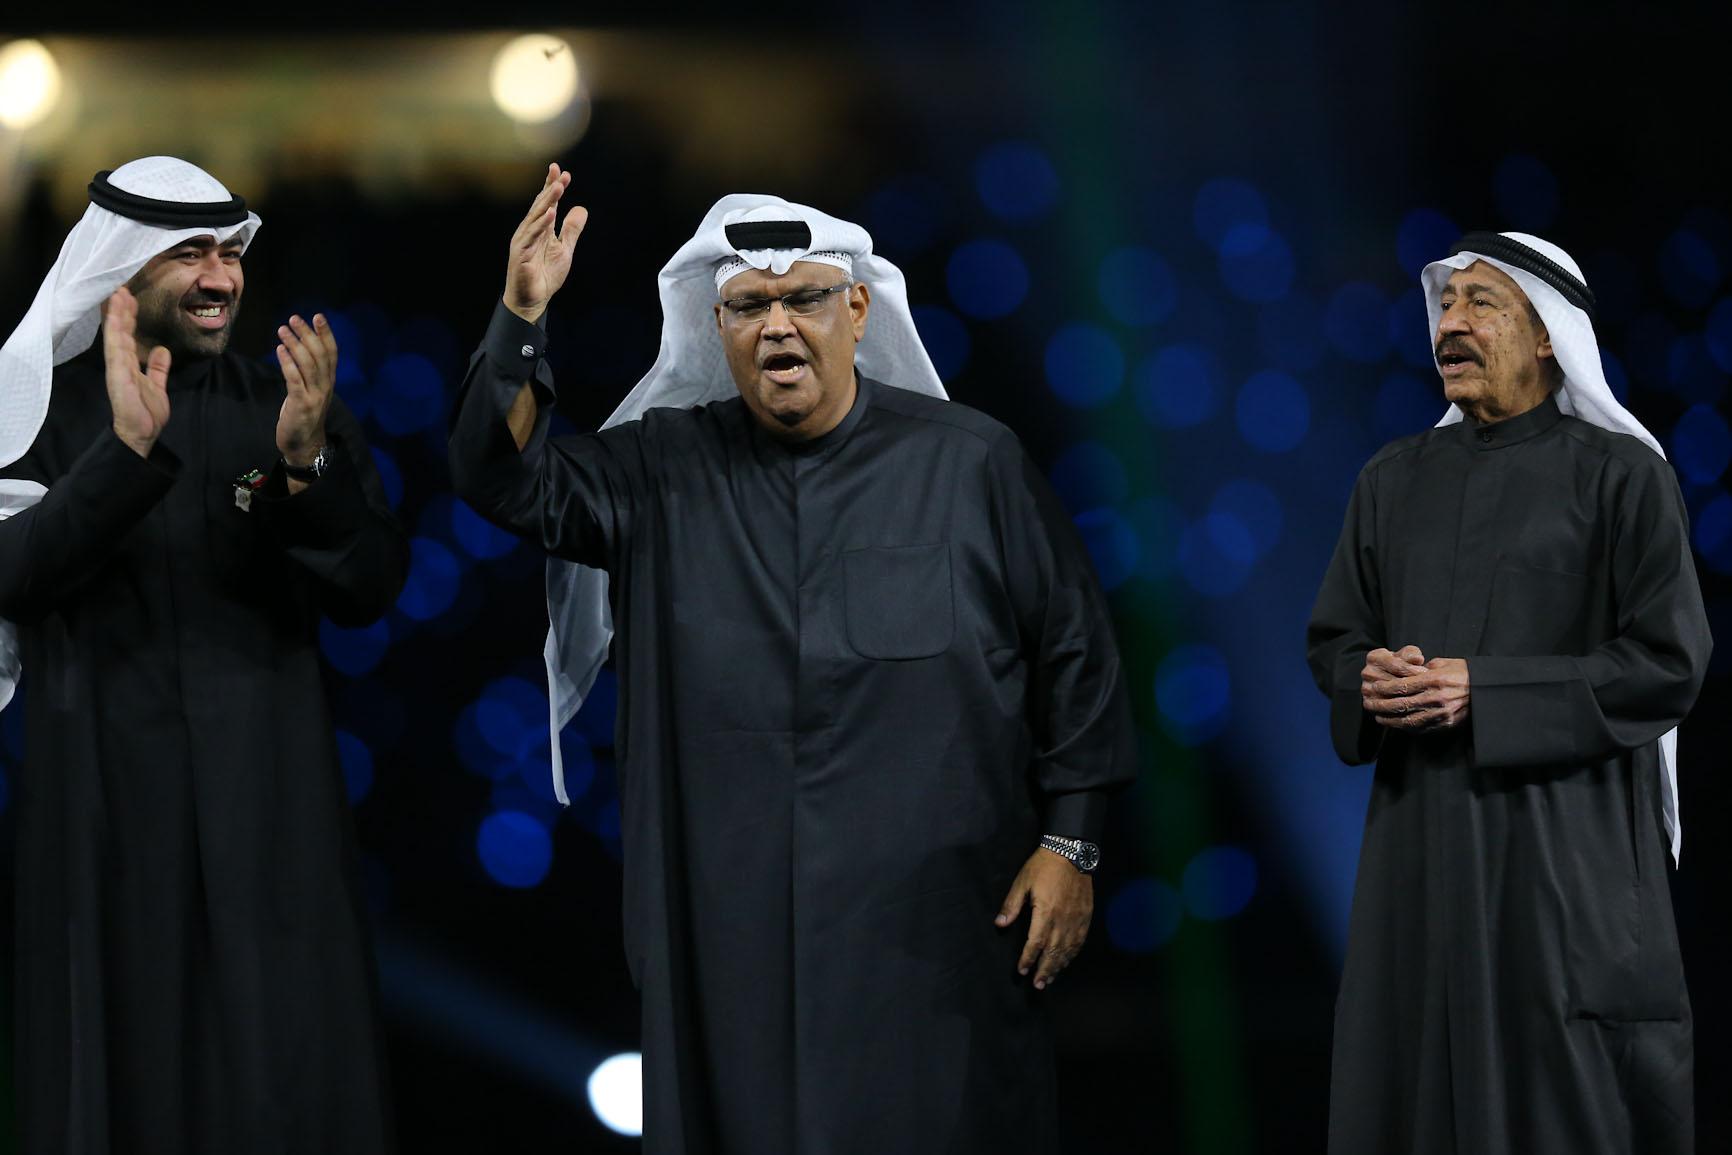 بالصور..افتتاح رائع لدورة كأس الخليج الثالثة والعشرين